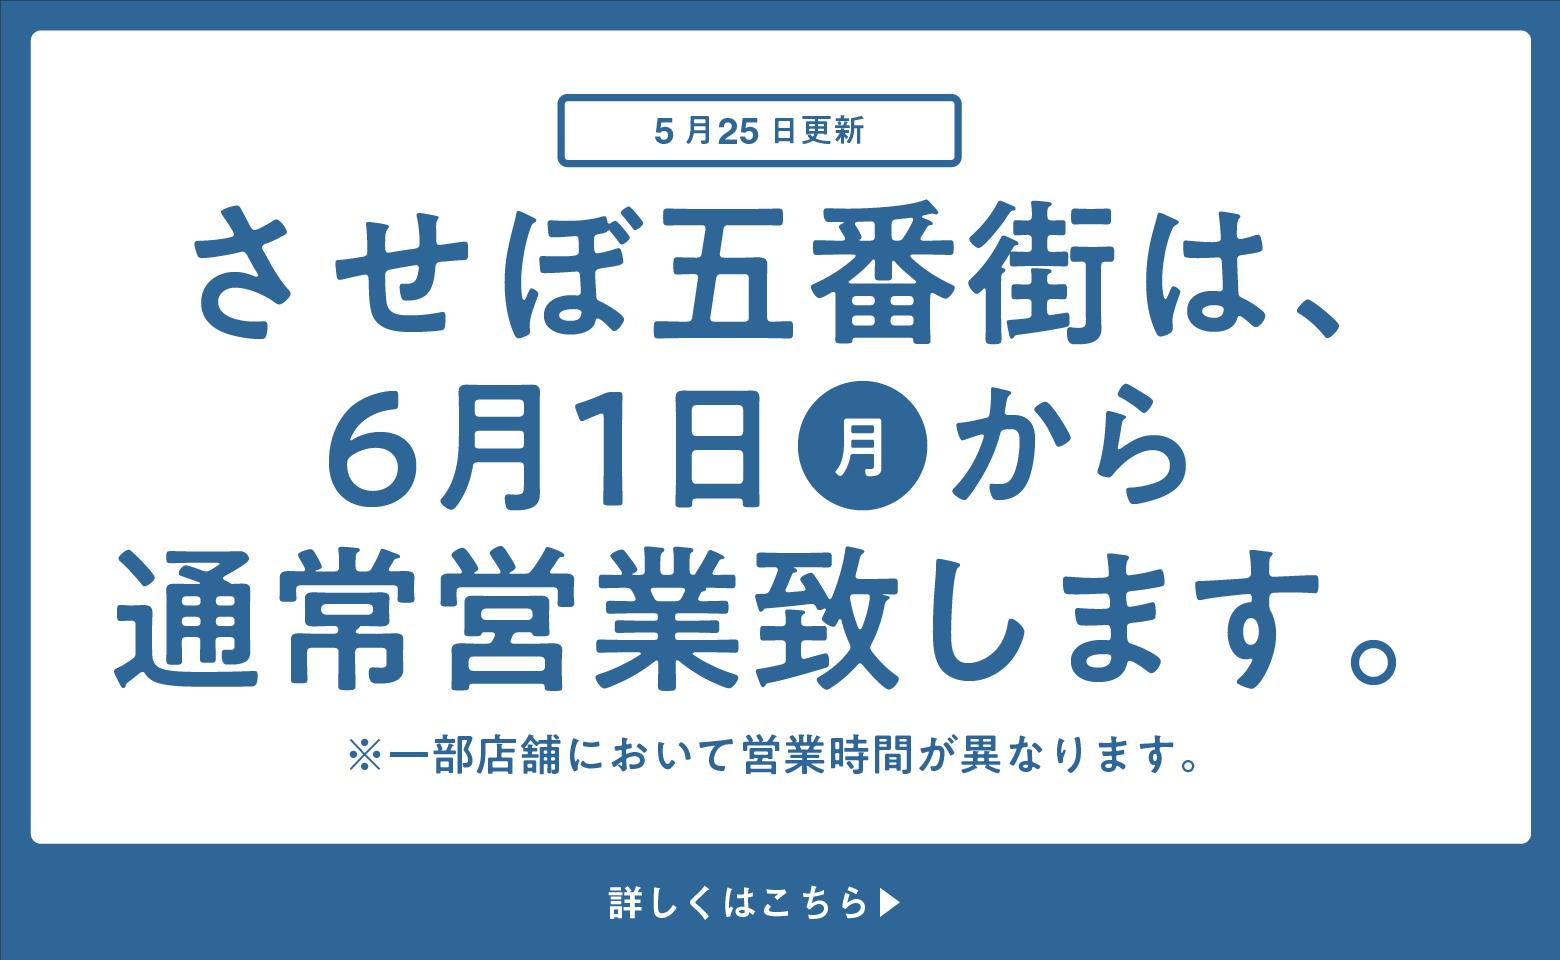 2020-05-6月1日から通常営業